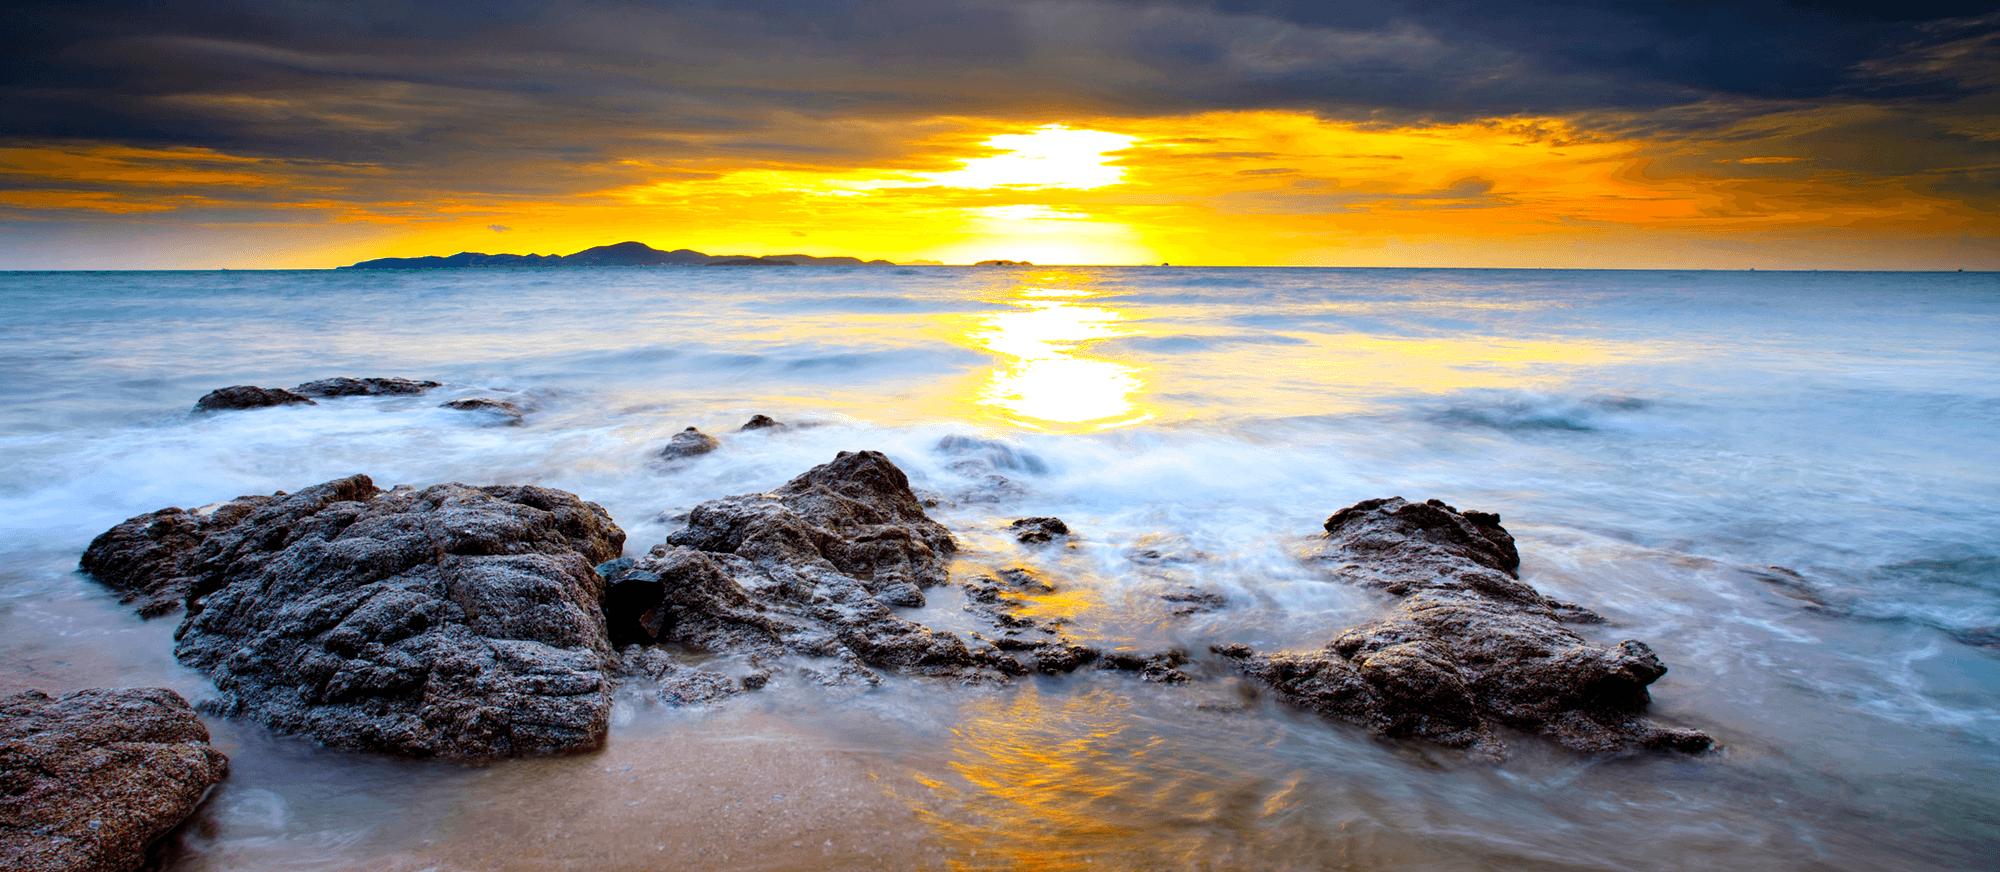 Fototapeten: Rocks at Sunset